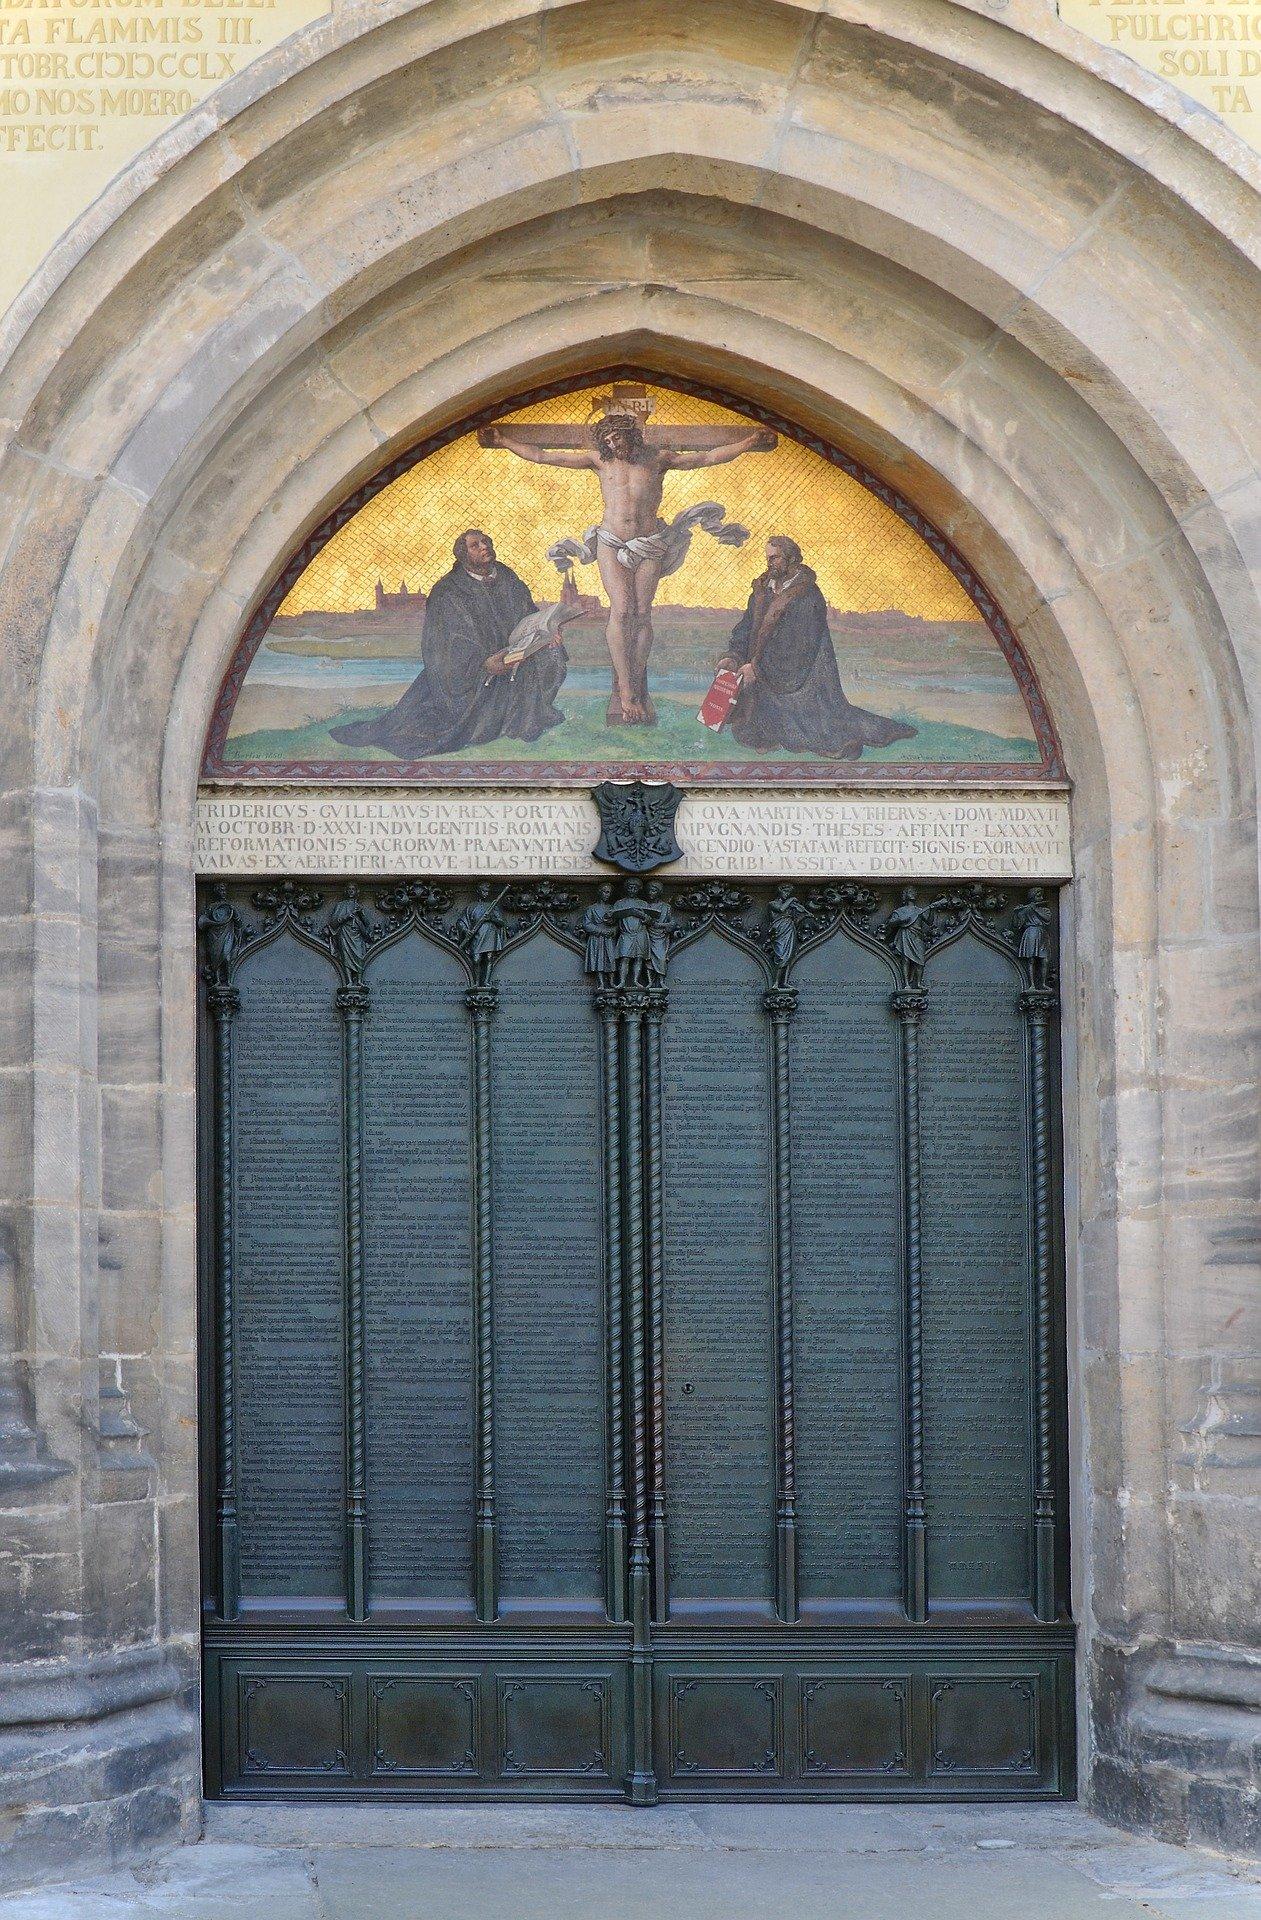 Tuer Wittenberg